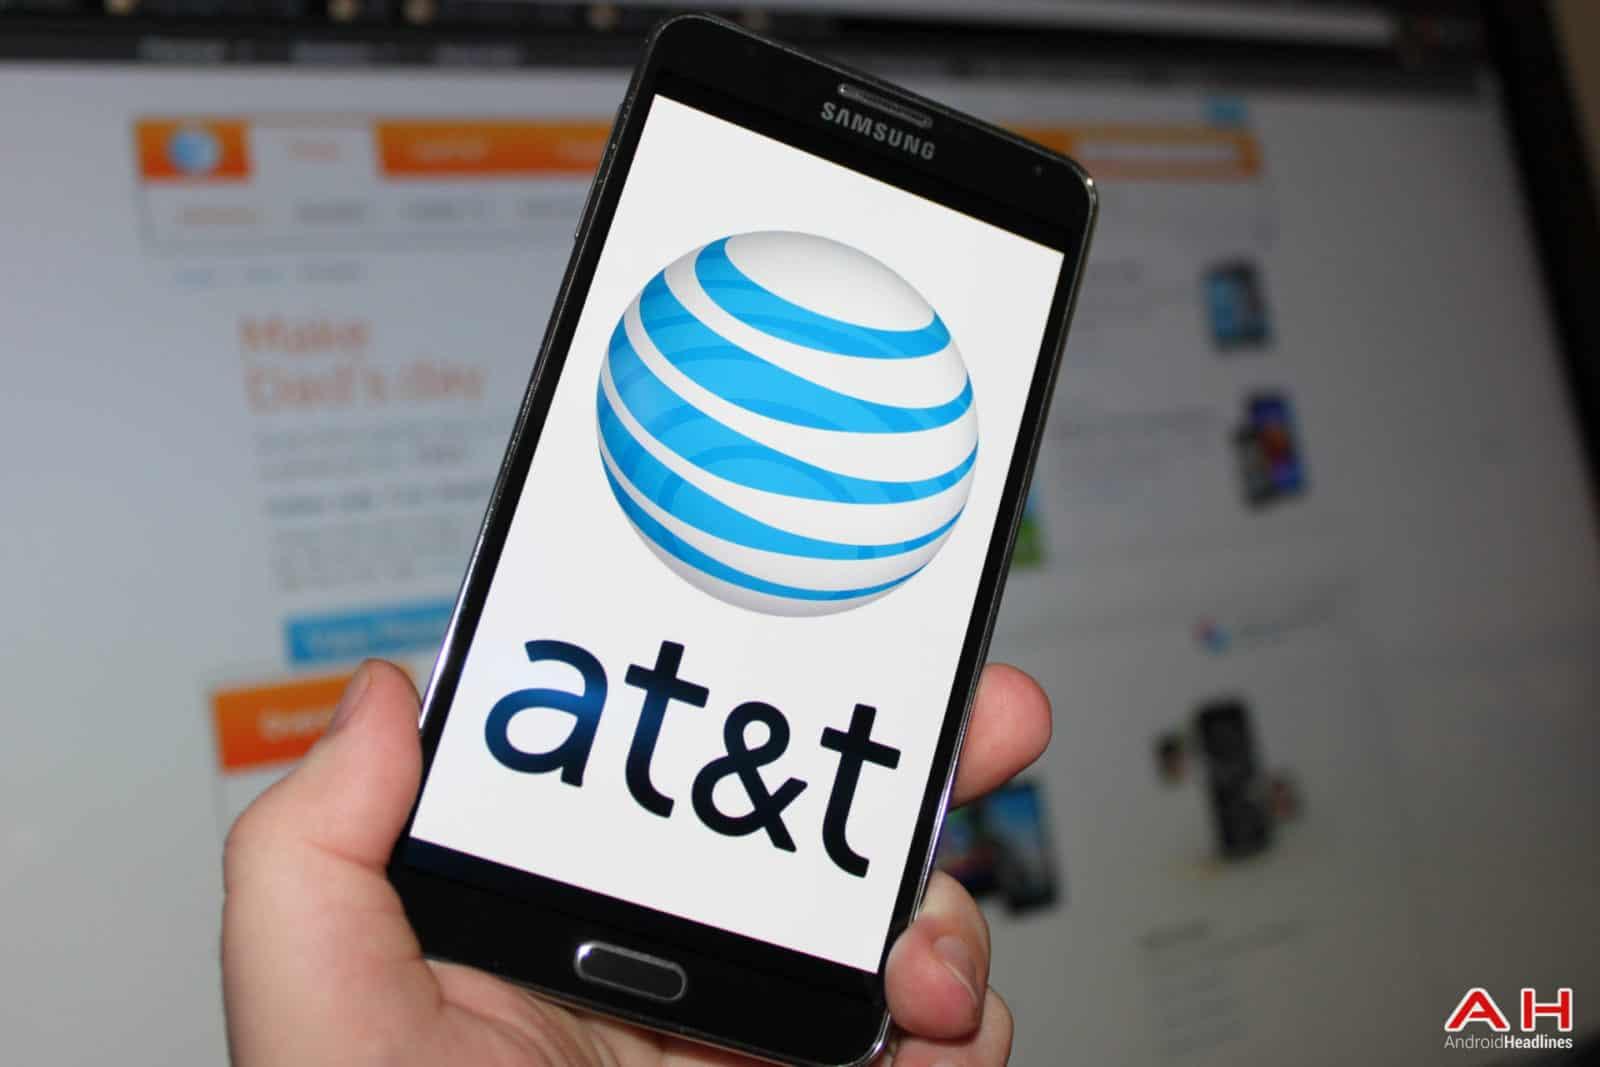 AH ATT AT&T Logo 1.4